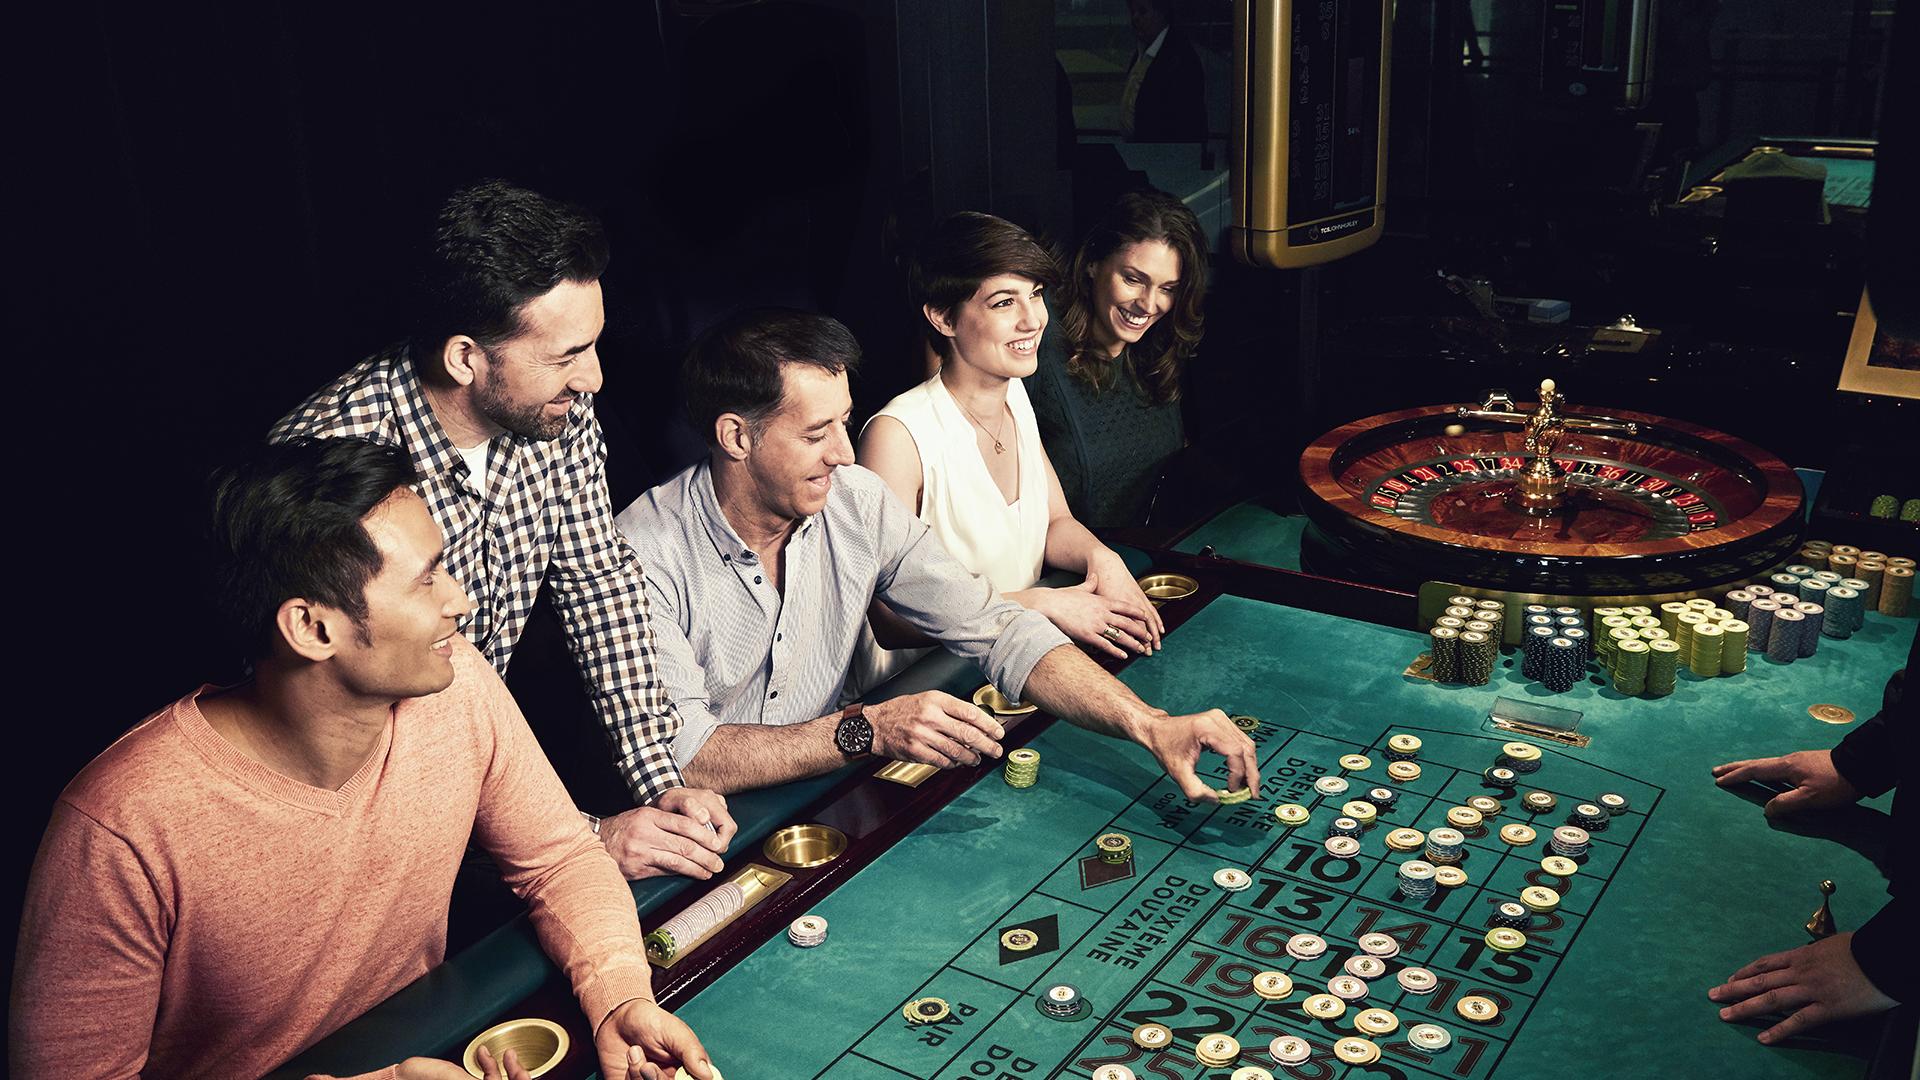 Poker o roulette? L'enigma del giocatore online